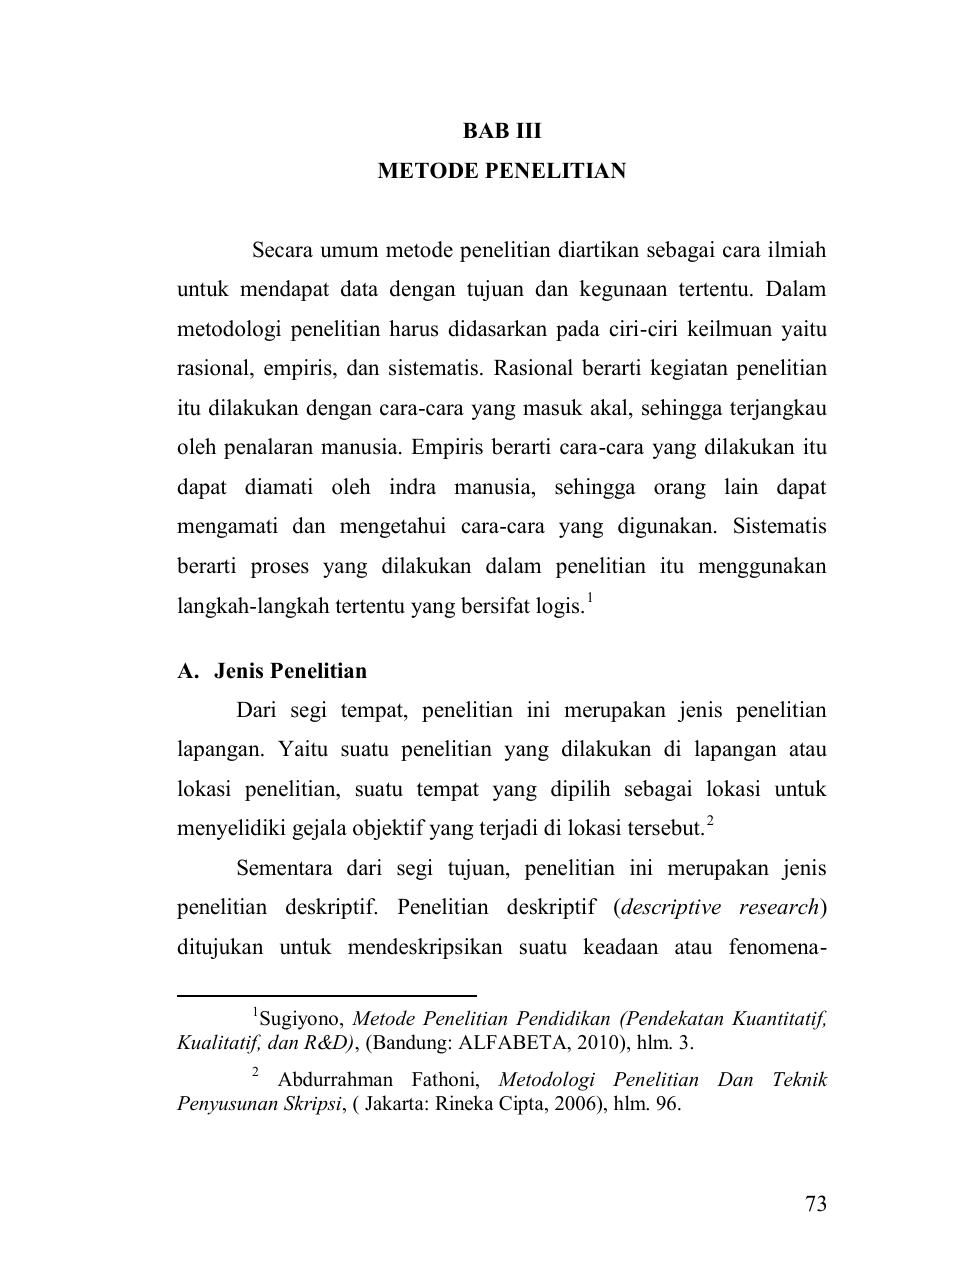 73 Bab Iii Metode Penelitian Secara Umum Metode Penelitian